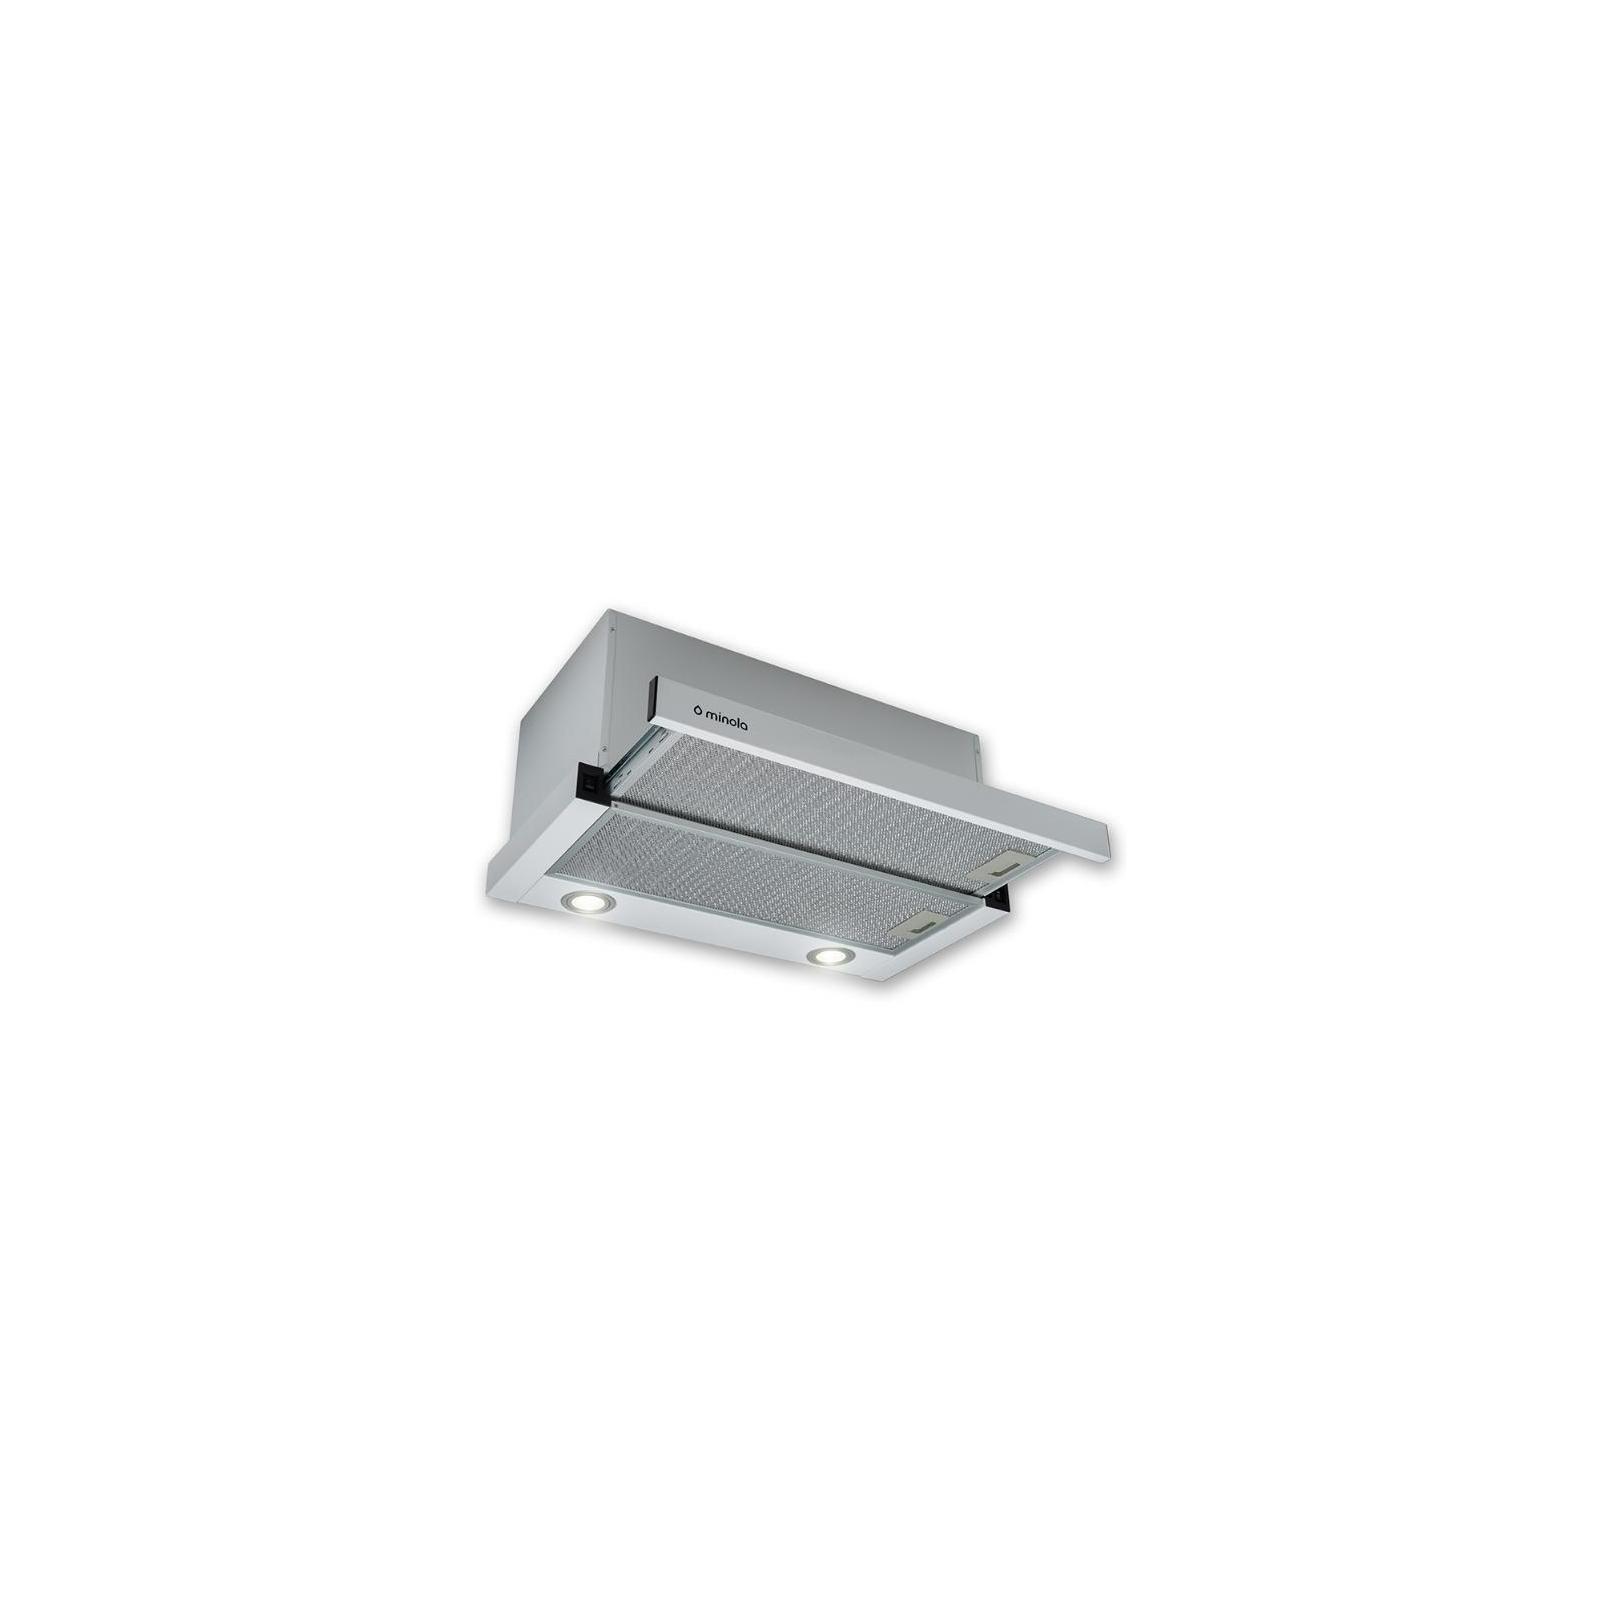 Вытяжка кухонная MINOLA HTL 6812 WH 1200 LED изображение 4